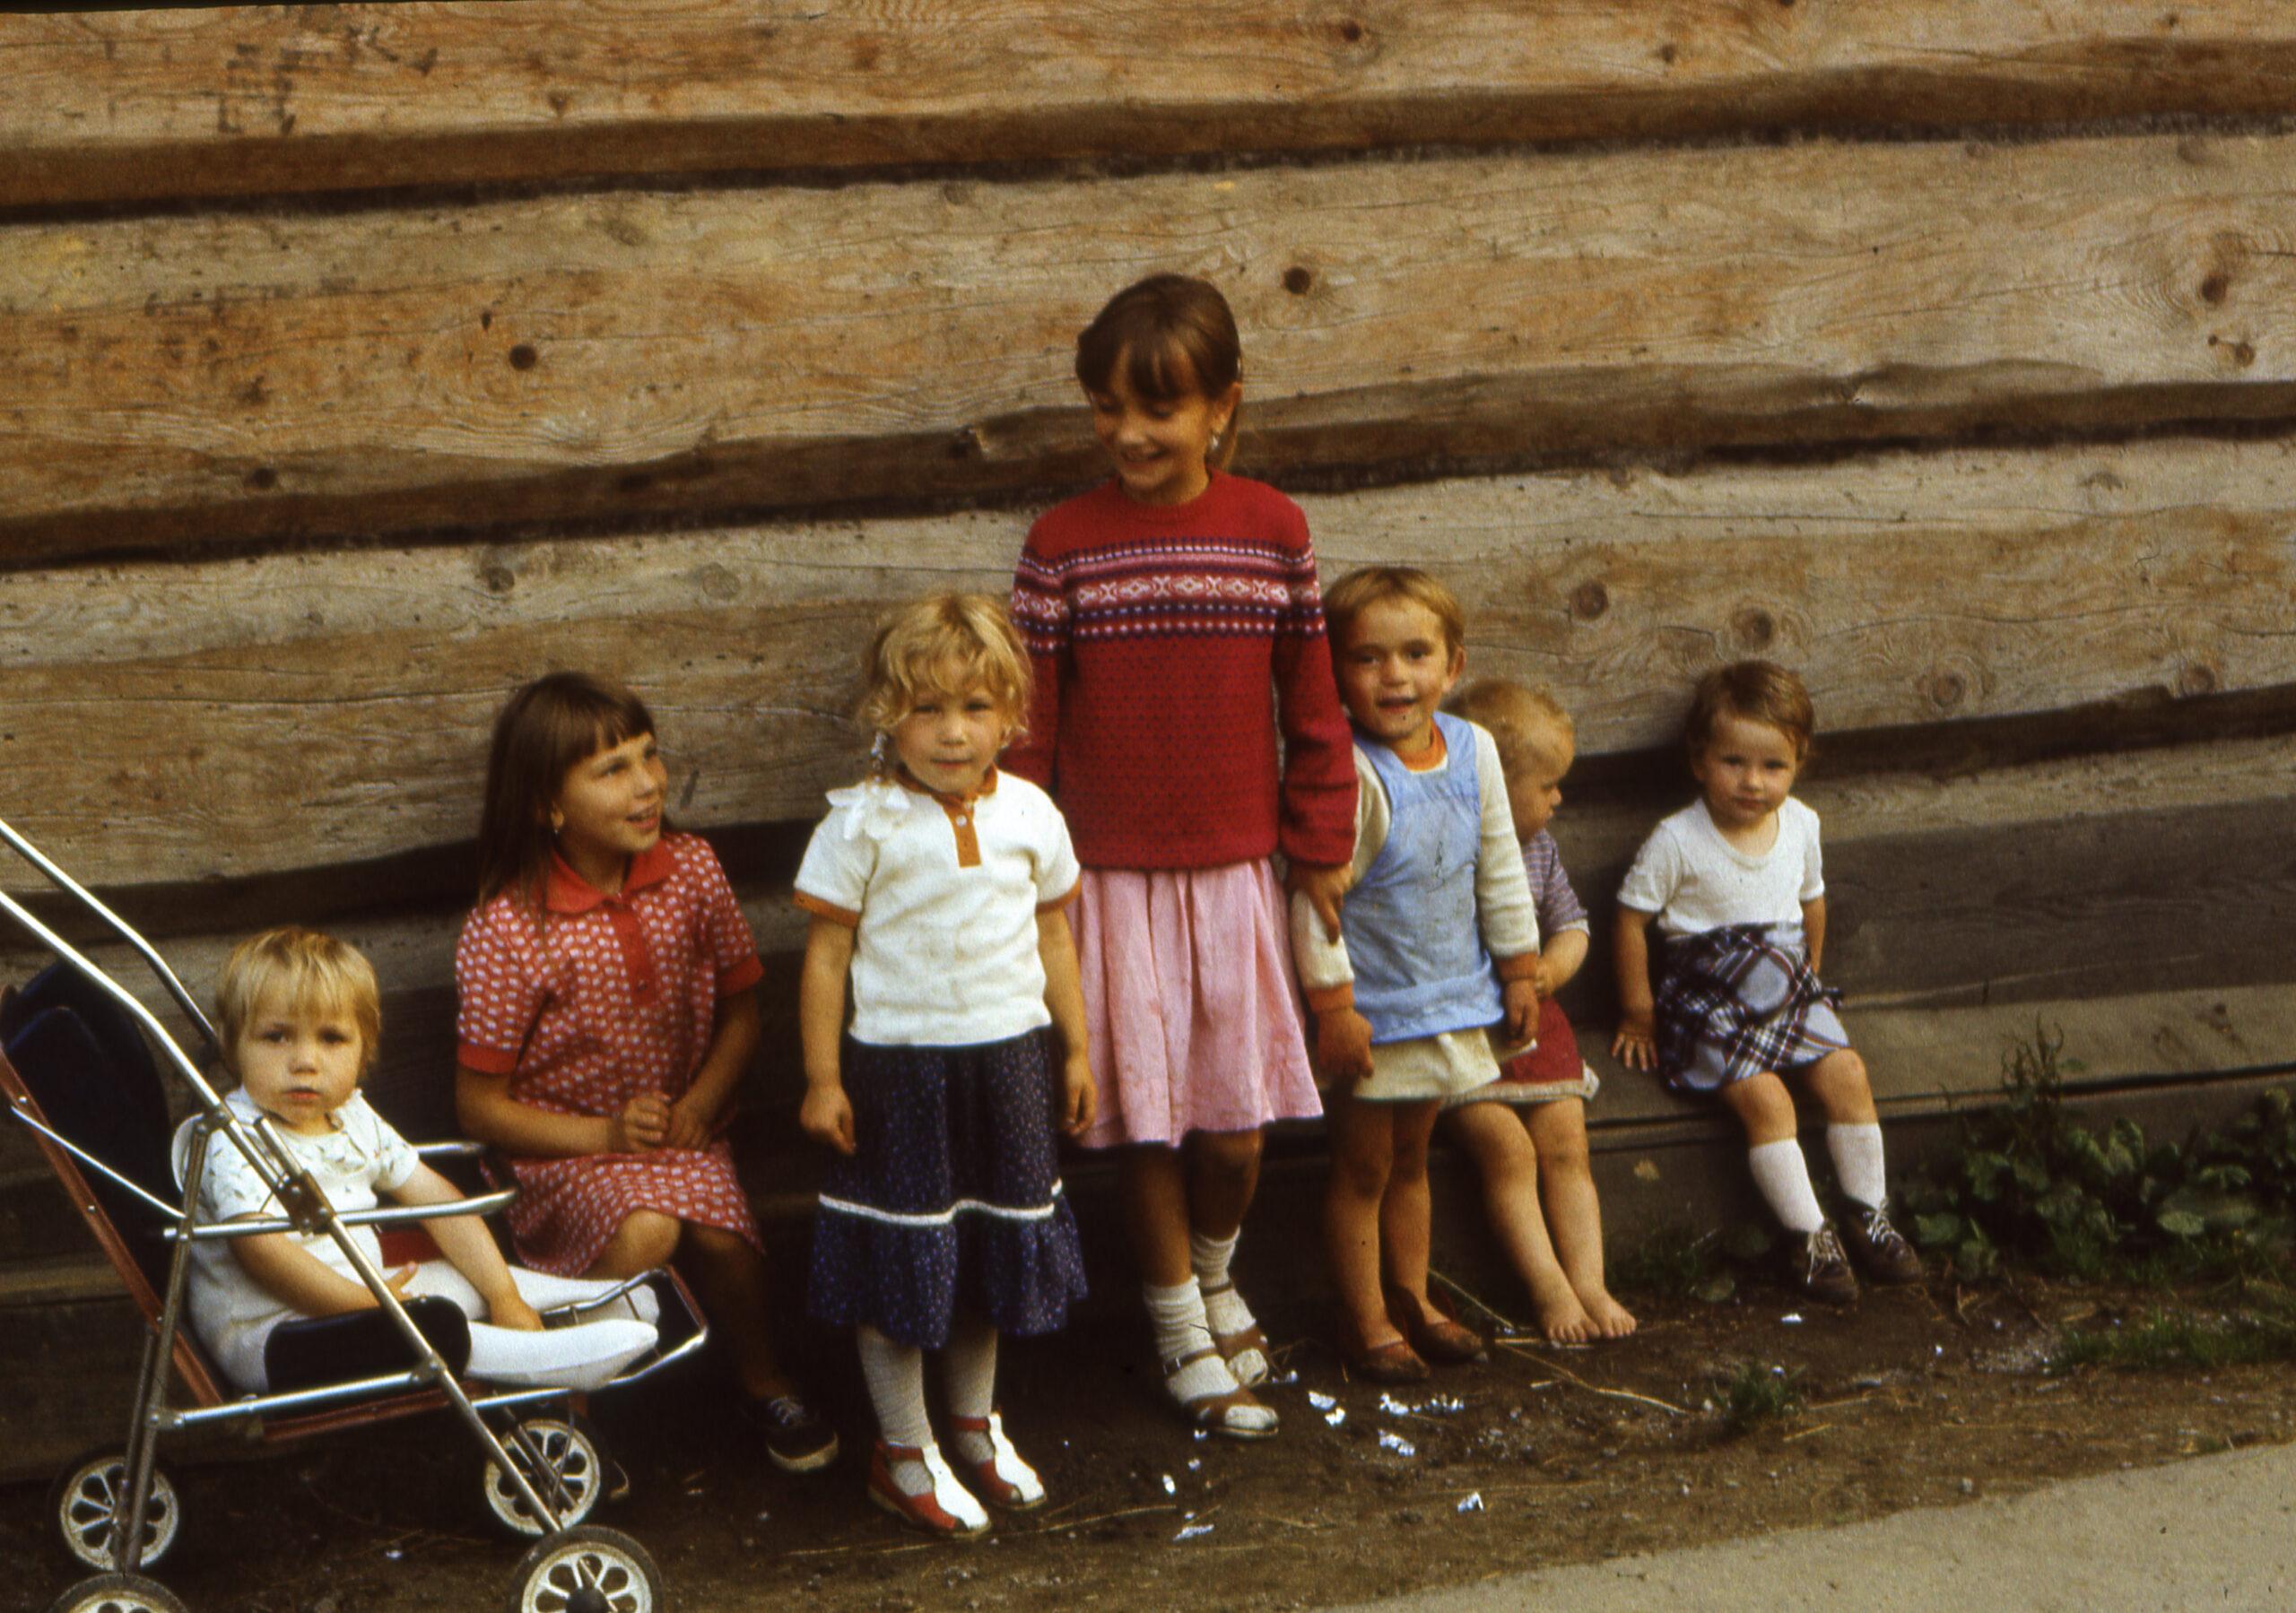 Zdjęcie kolorowe. Dzieci mieszkające na wsi, na tle drewnianej ściany. Liczba dzieci: siedmioro. Wiek dzieci: od roku do 10 lat.